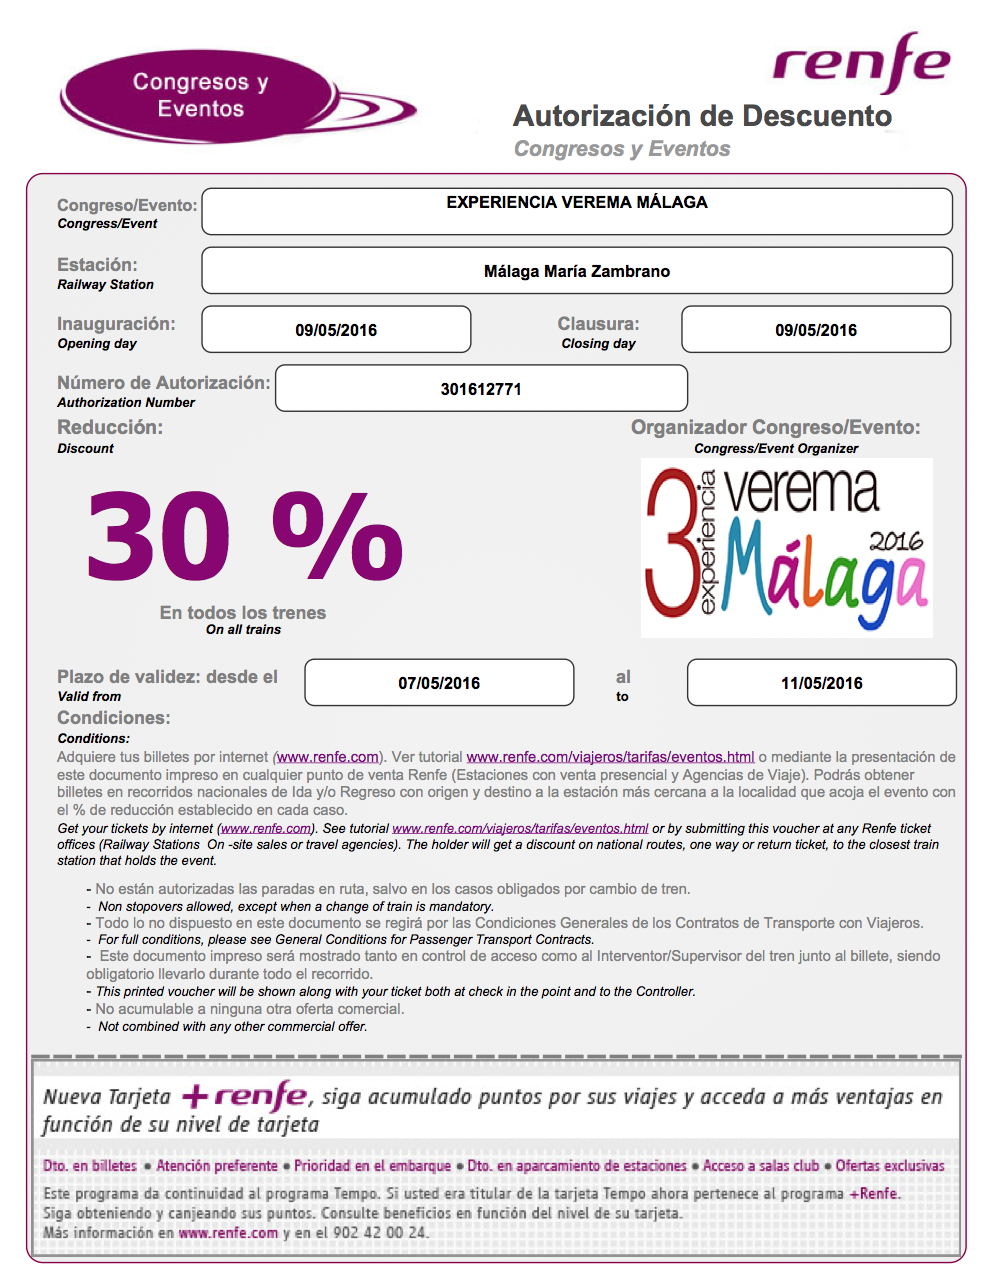 Descuento Renfe Verema Málaga 2016